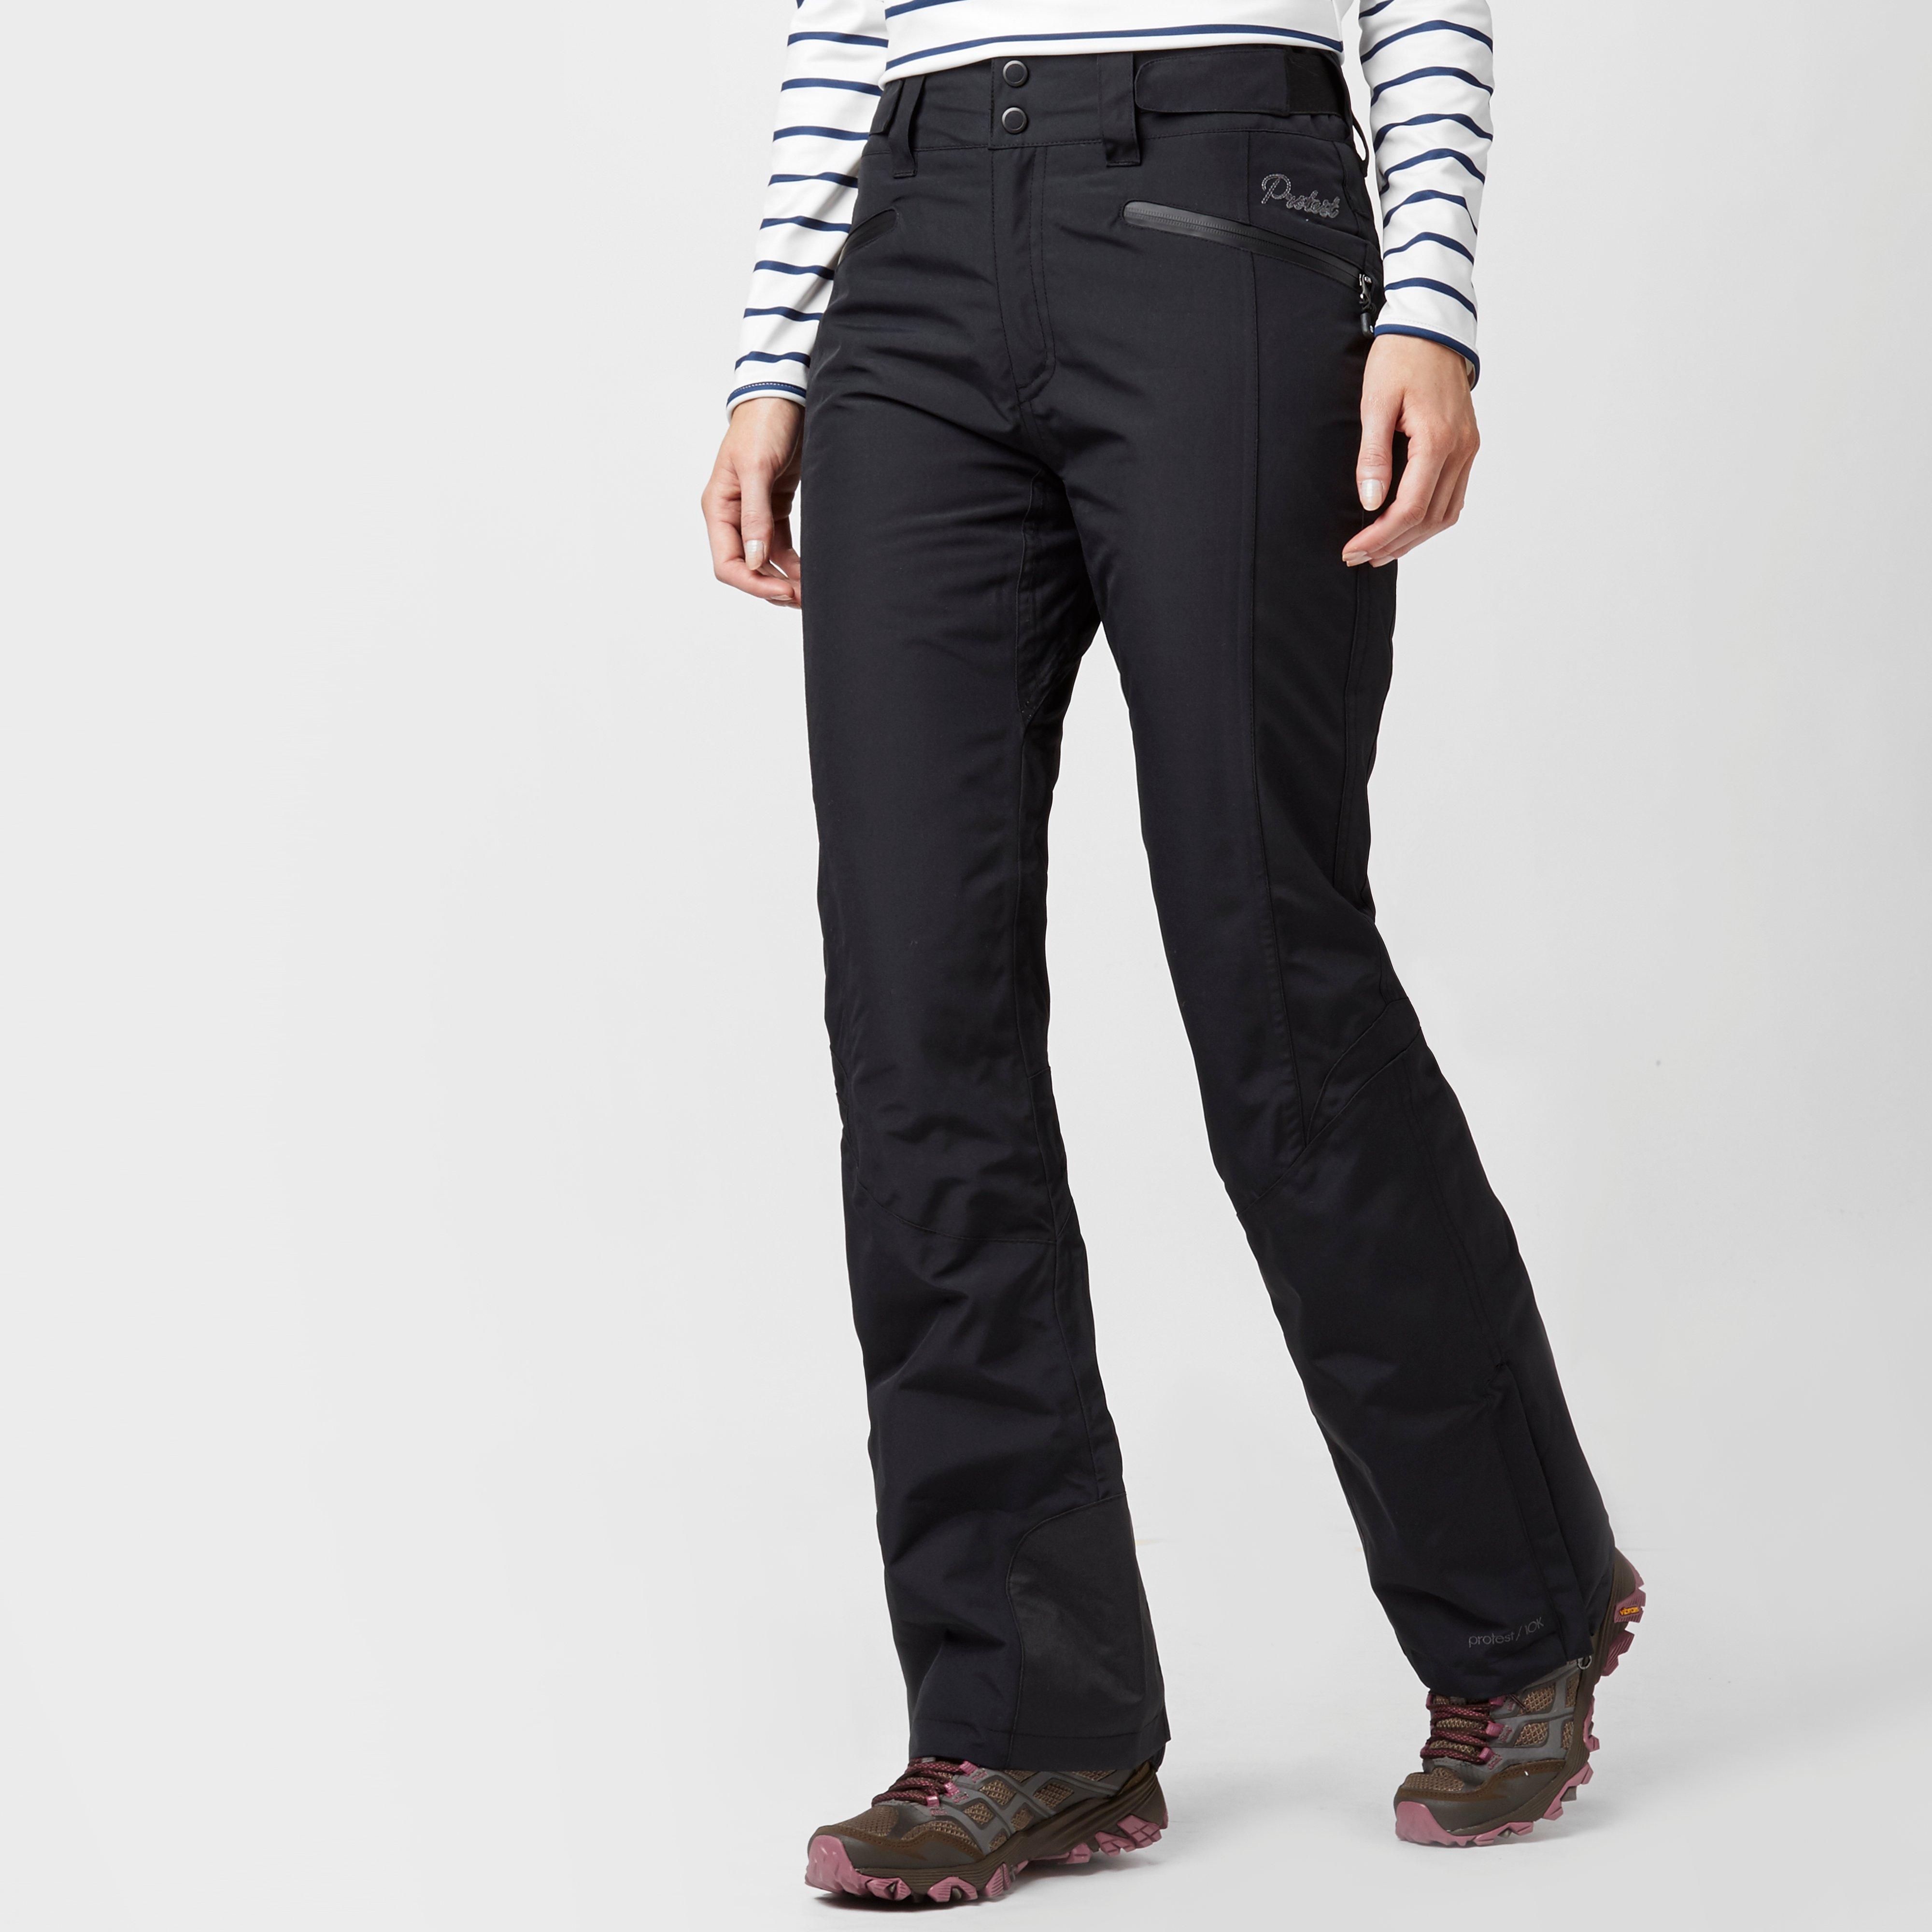 Protest Women's Kensington Ski Pants, Black